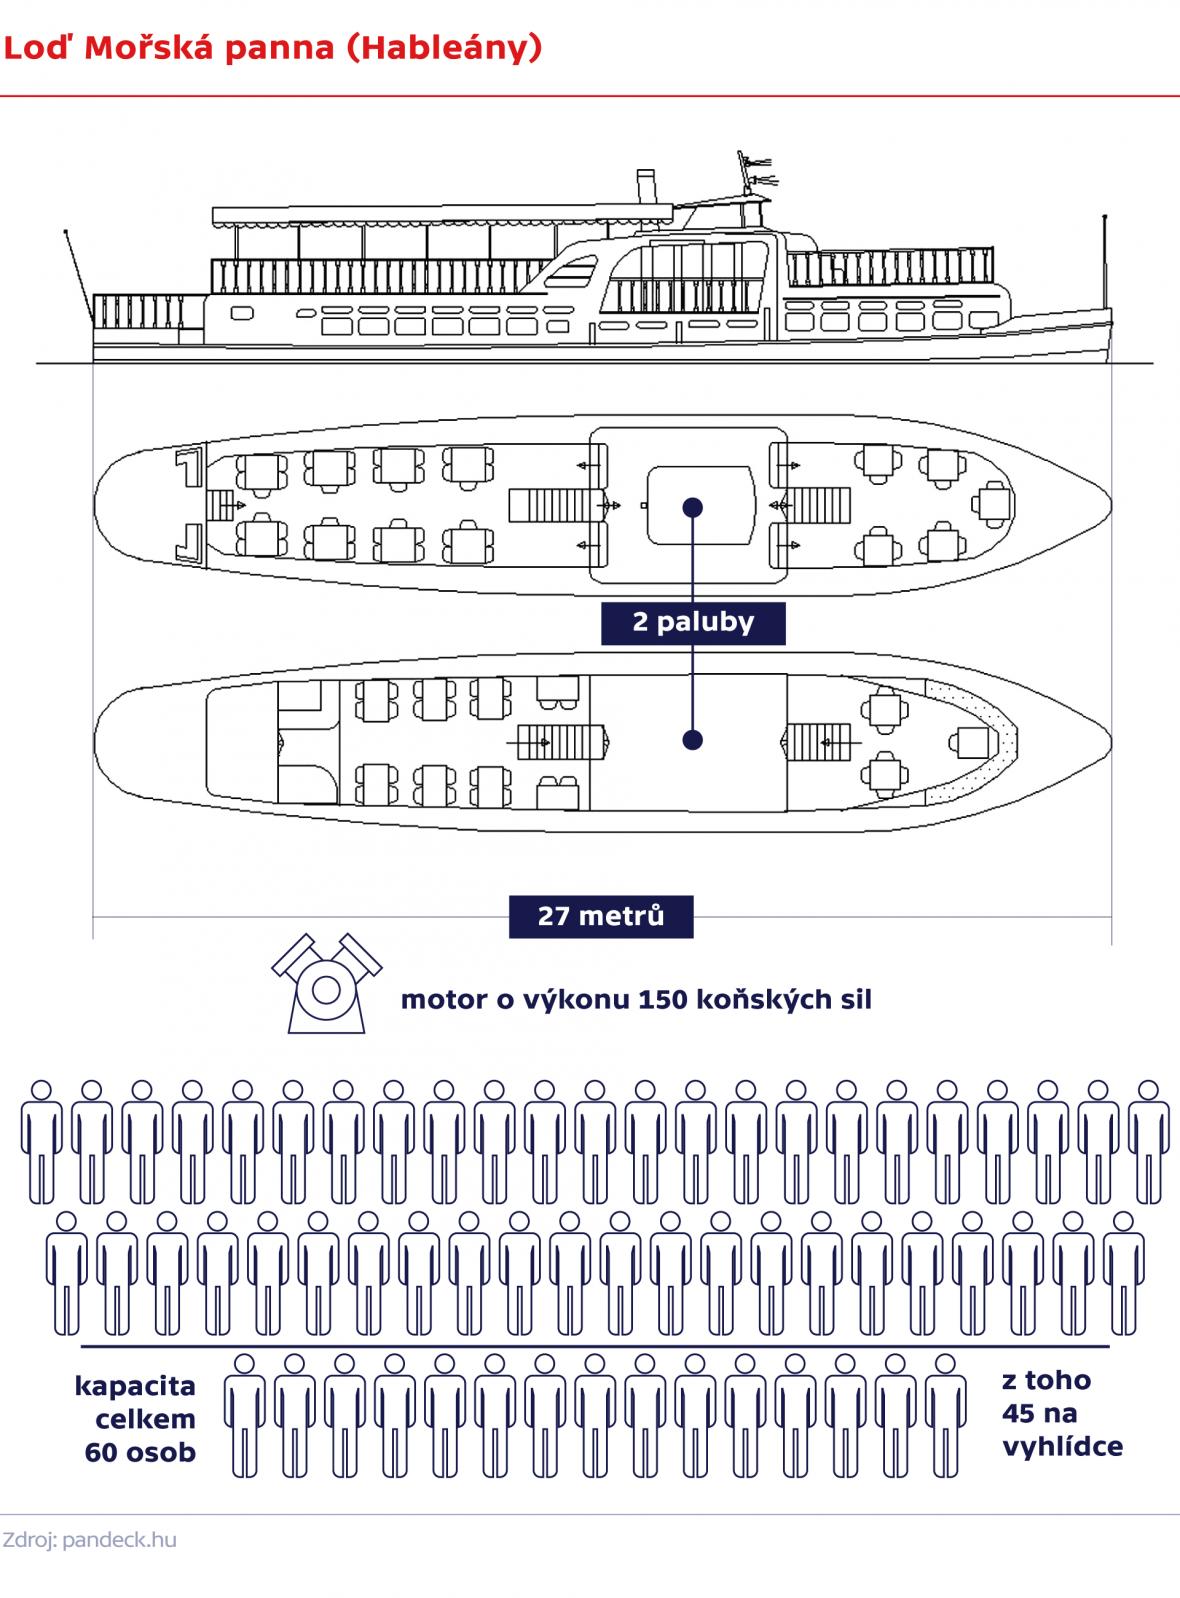 Loď Mořská panna (Hableány)